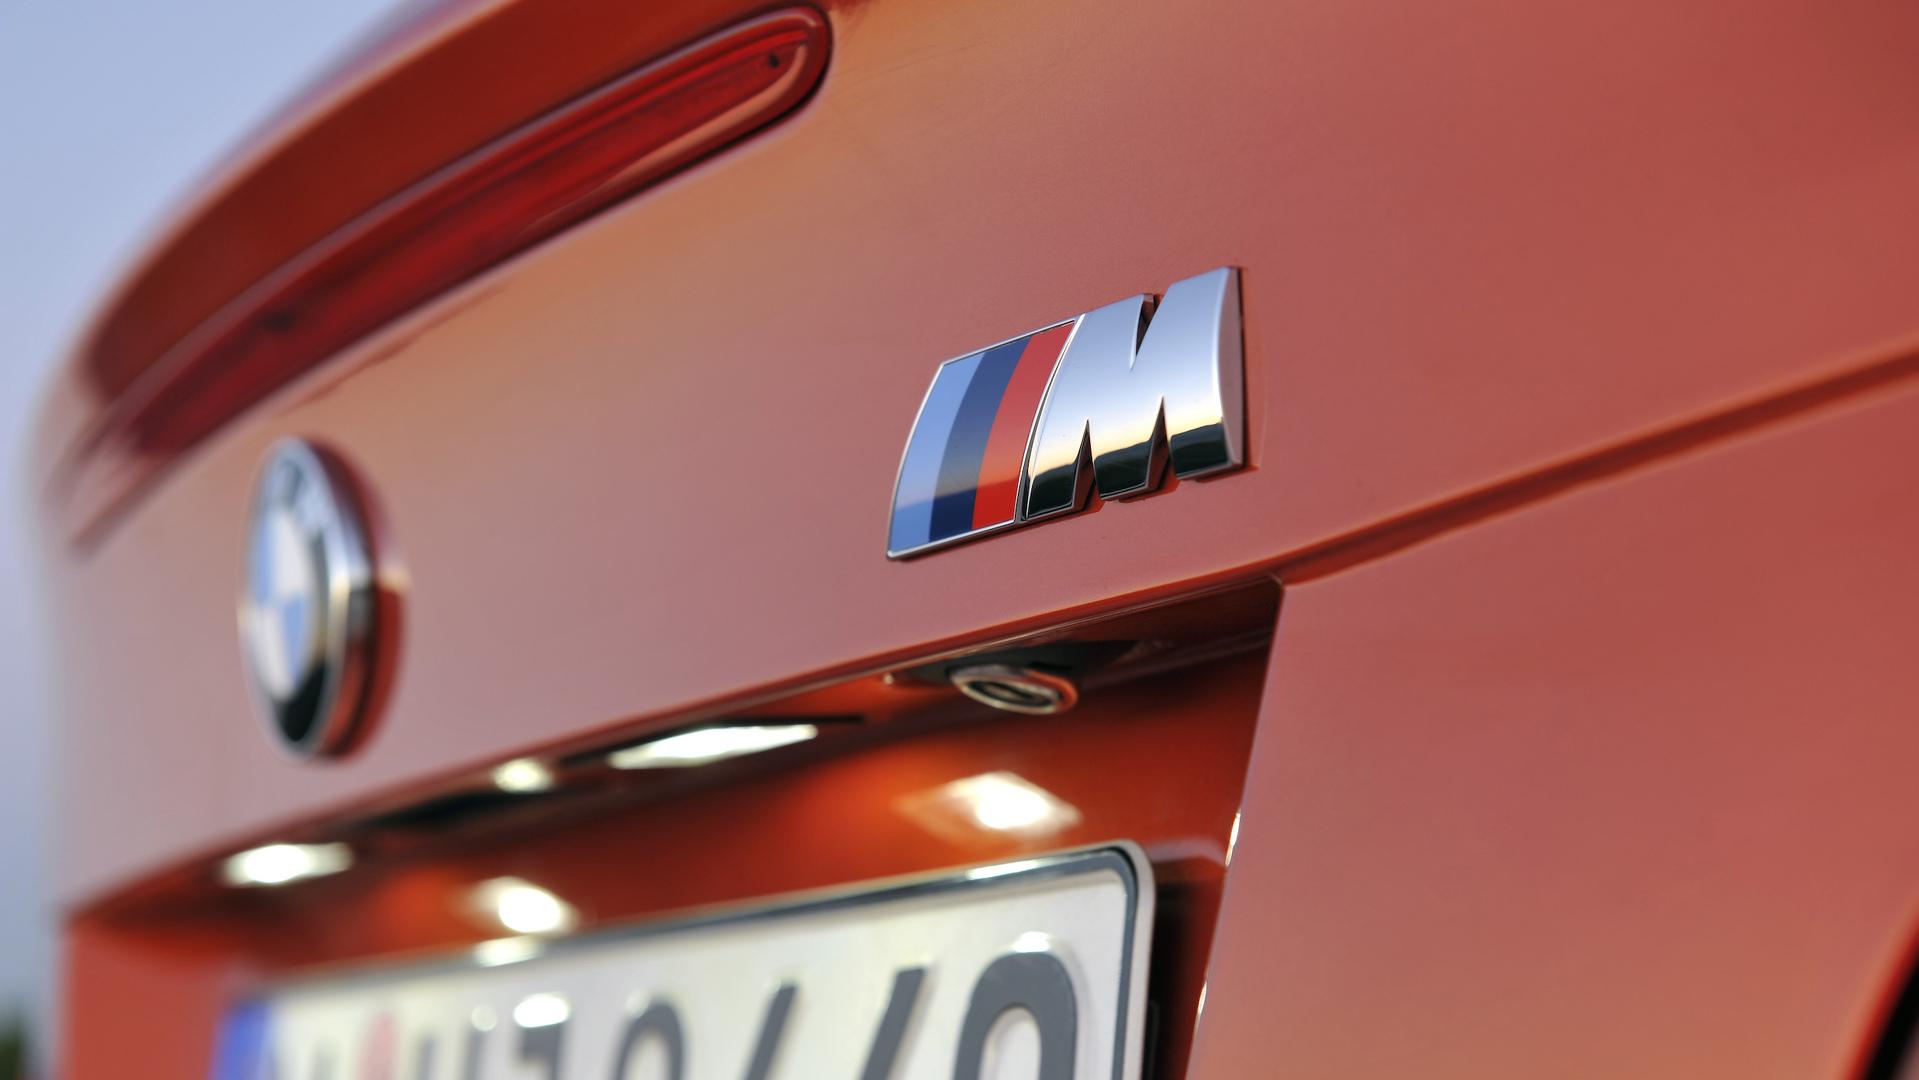 Люди запоминают настоящие названия автомобилей больше, чем буквы и цифры